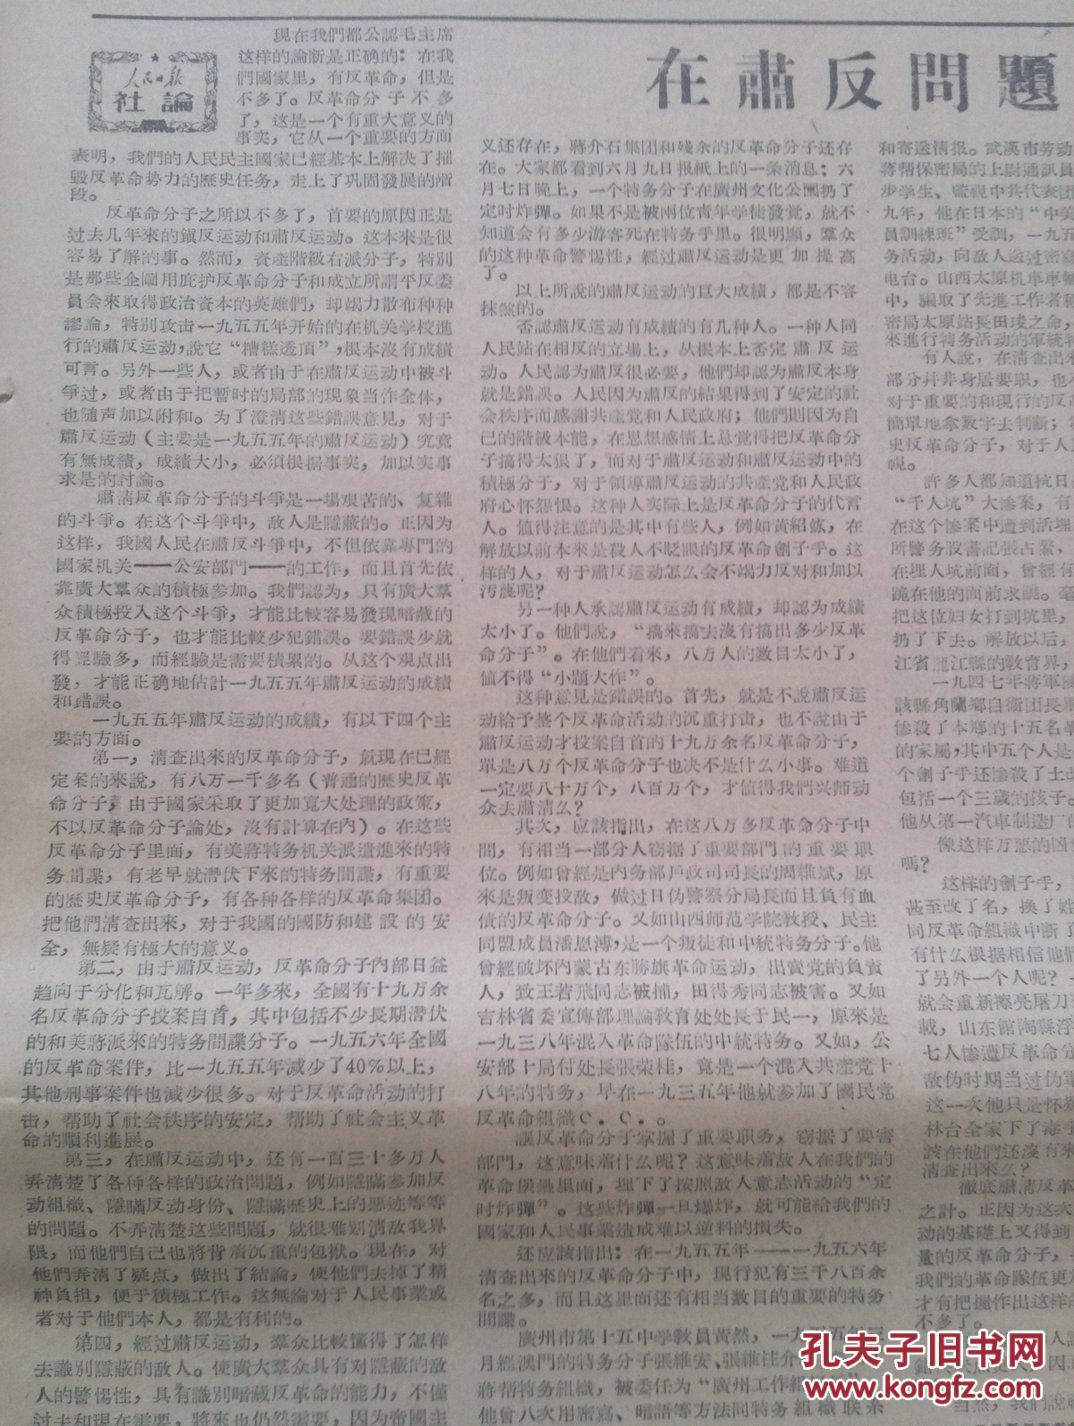 新疆日报1957年7月19日(反右运动)人民日报社论《在肃反问题上驳斥图片